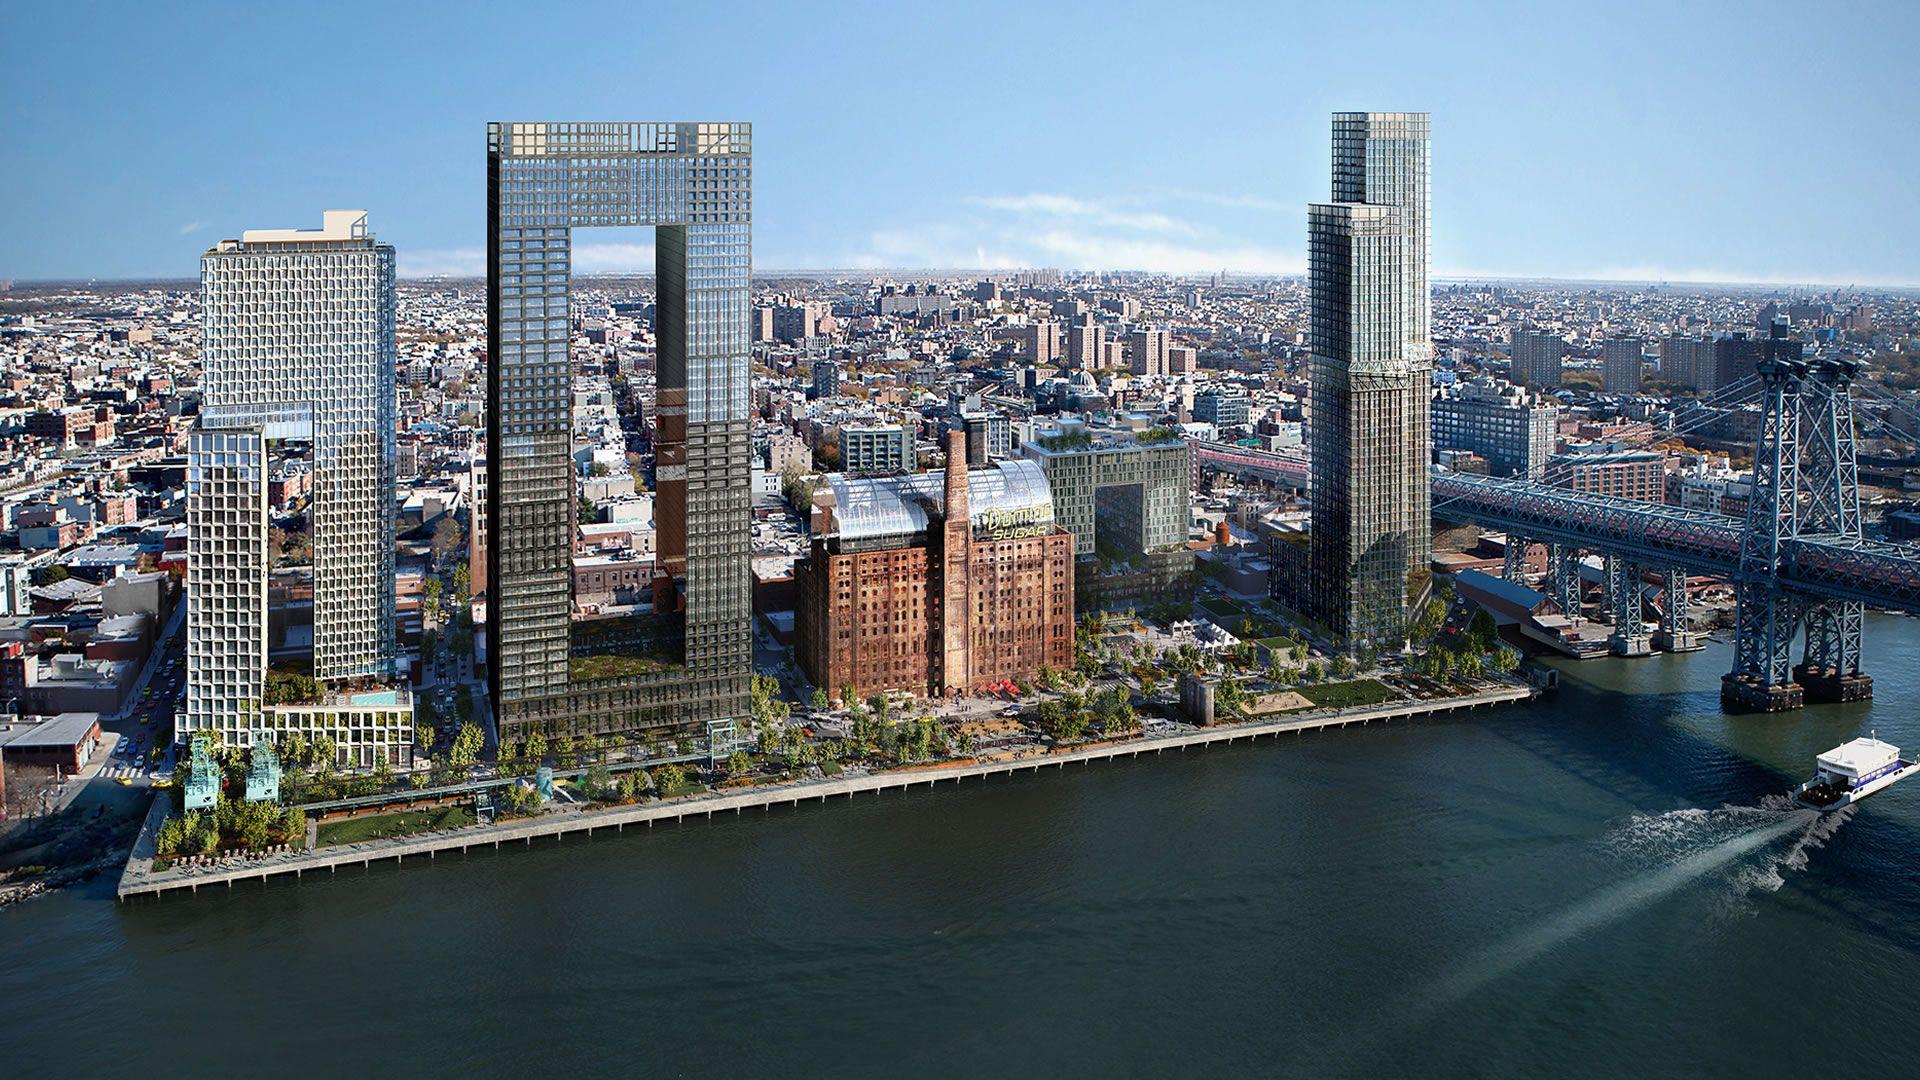 Nueva York se prepara para inaugurar su nuevo parque: Domino Park